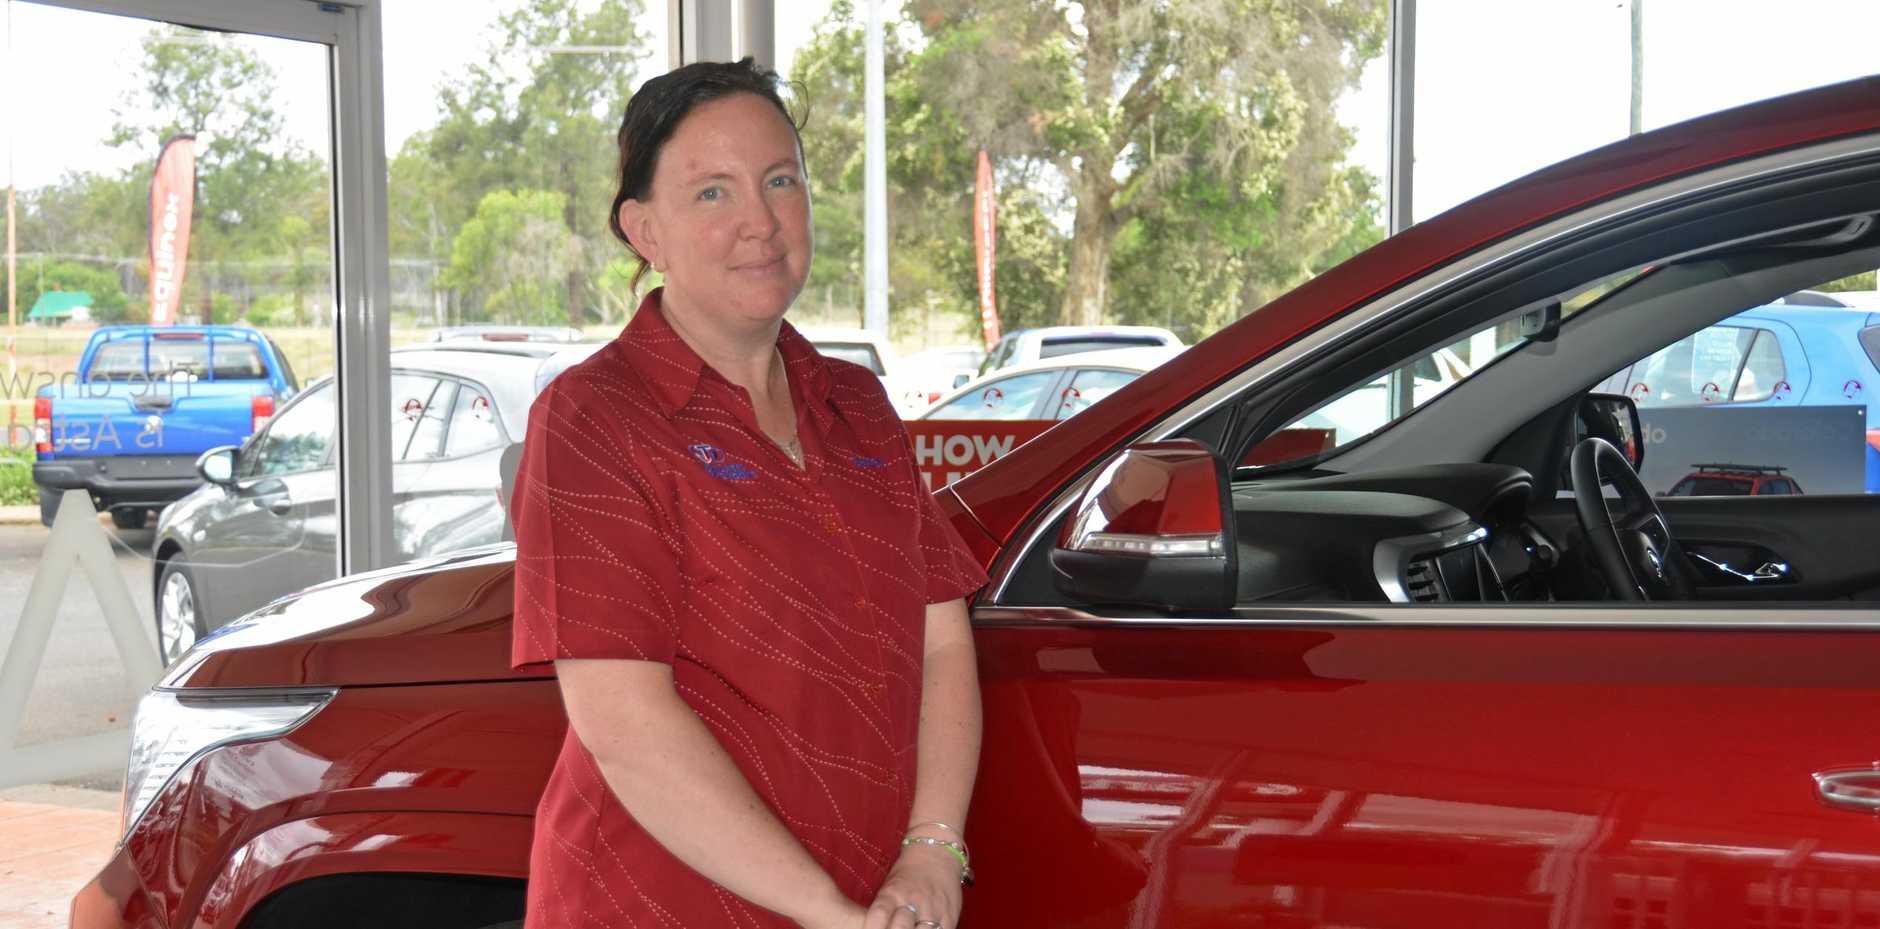 Sharon Davey showing off the new Acadia SUV at John Dundas